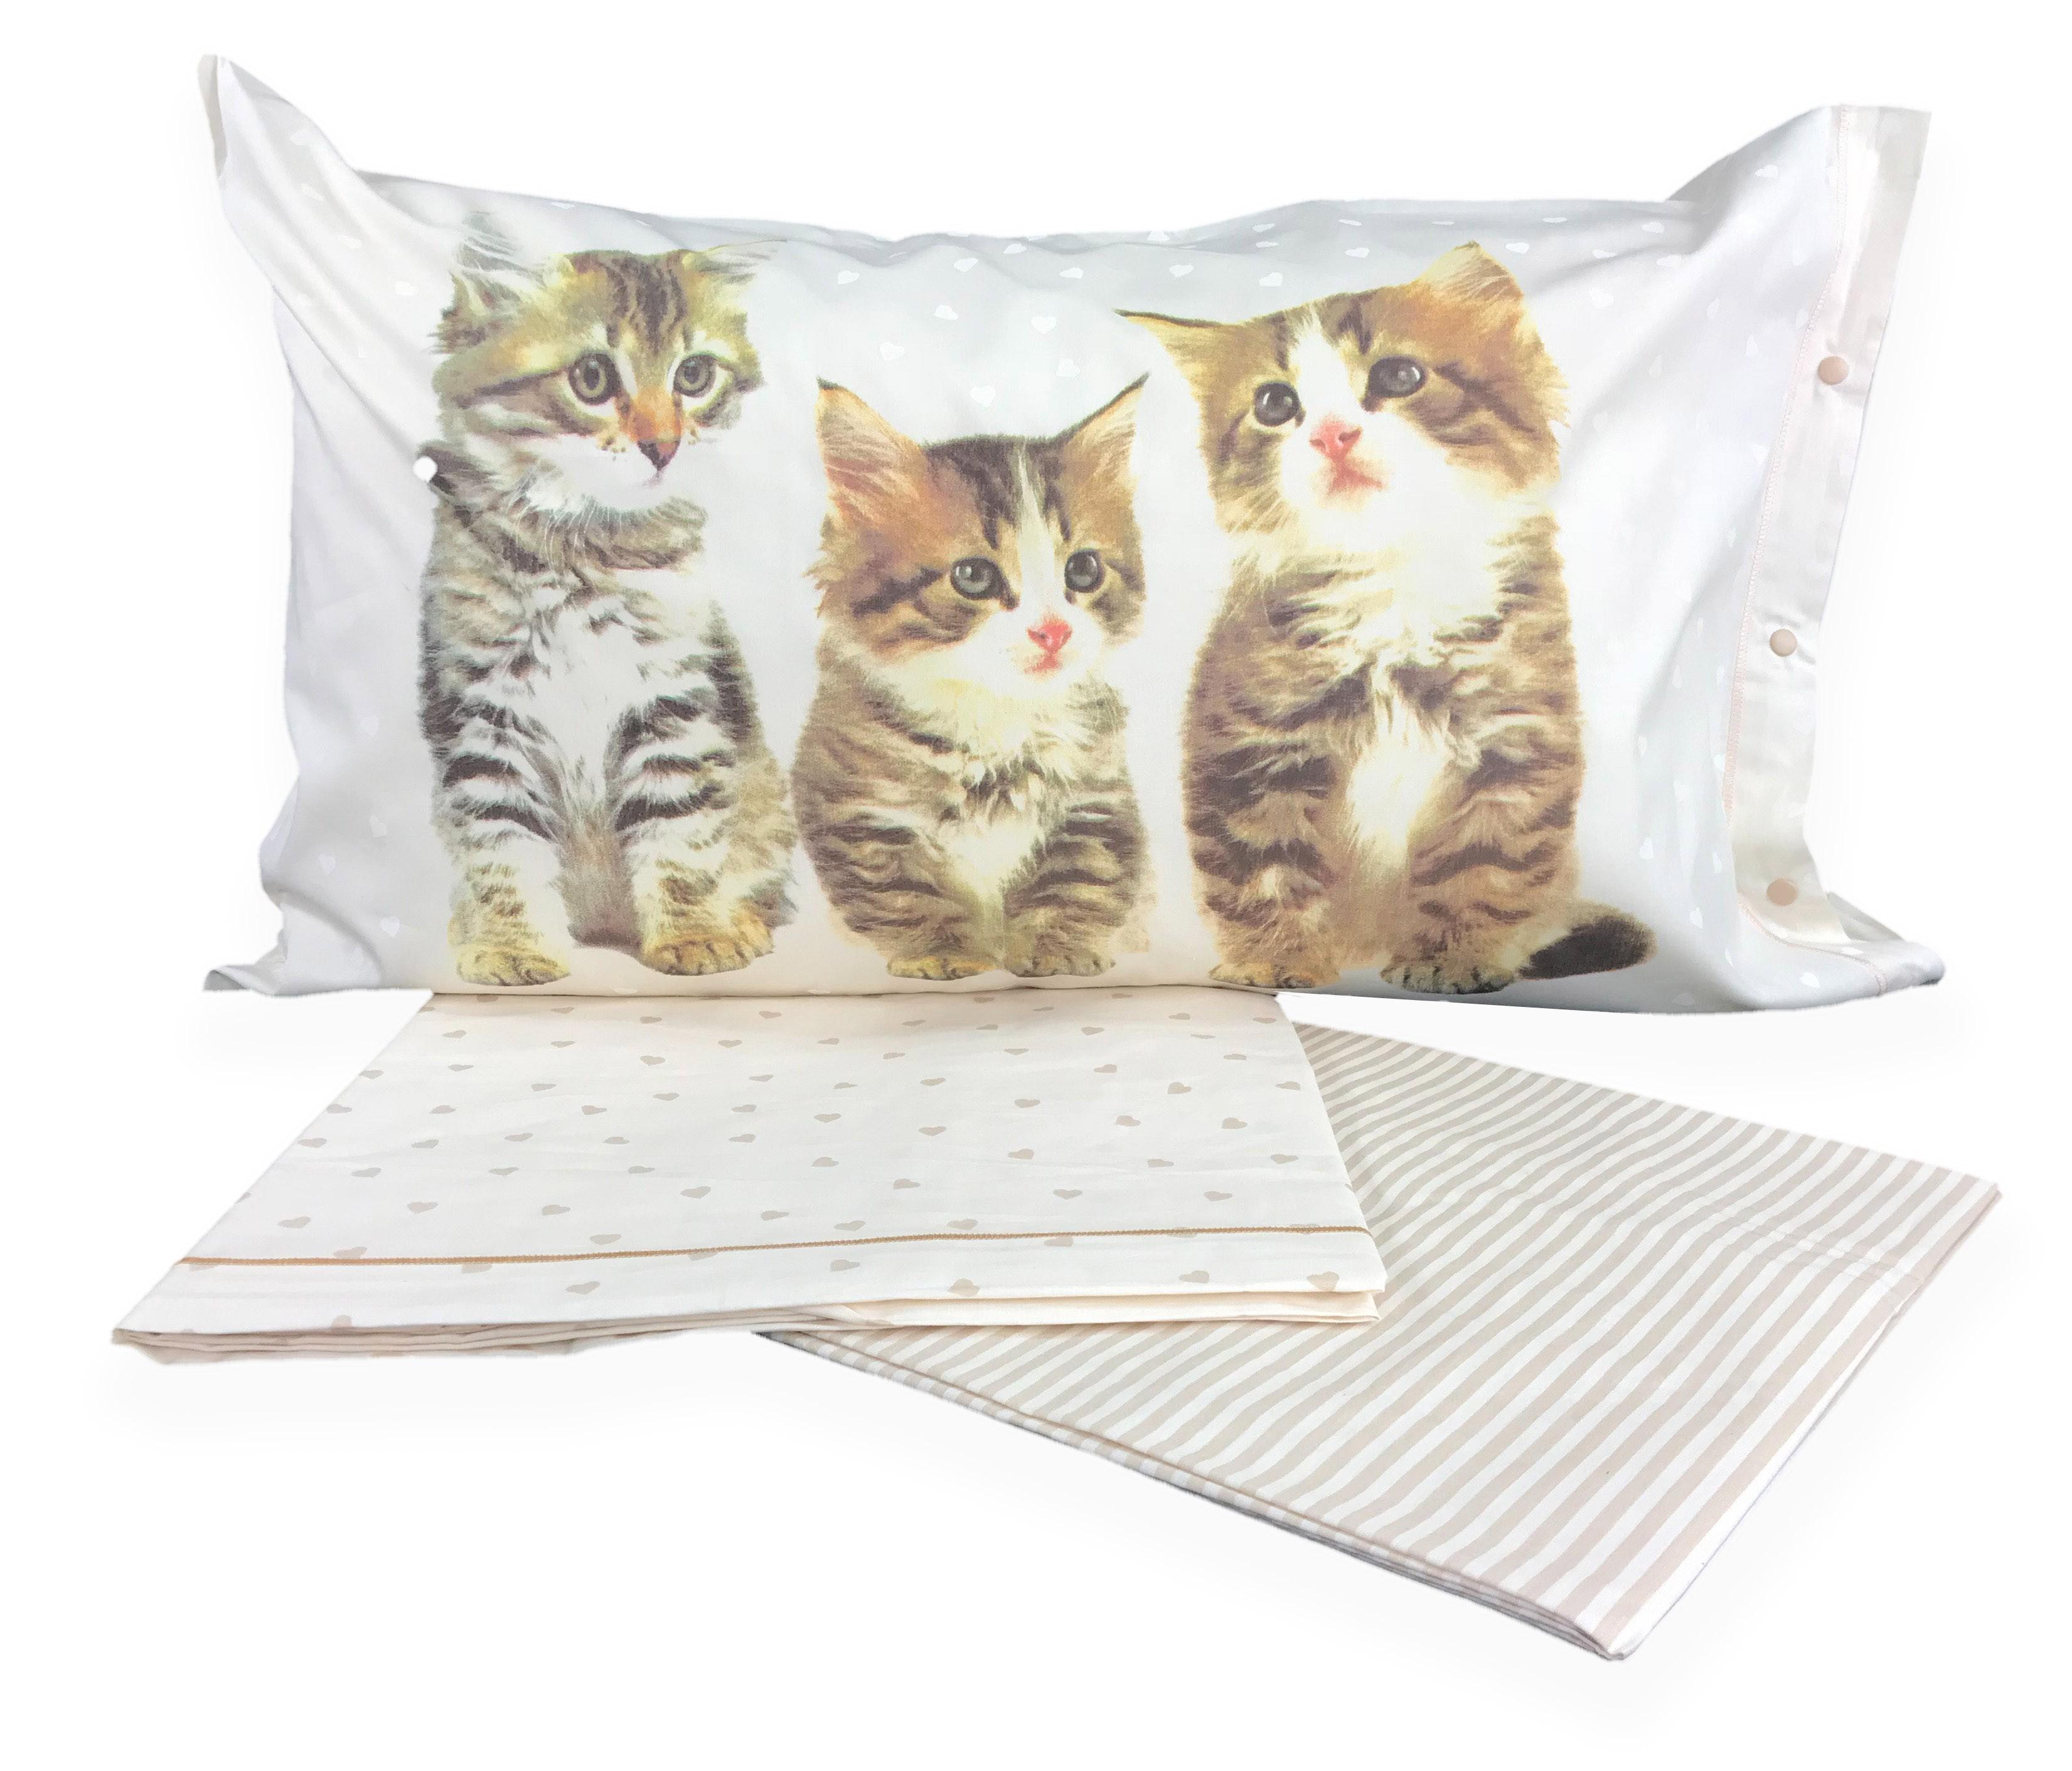 Lenzuola Matrimoniali Con Gatti.Completo Letto Stampato Con Teneri Cuccioli Di Gatto